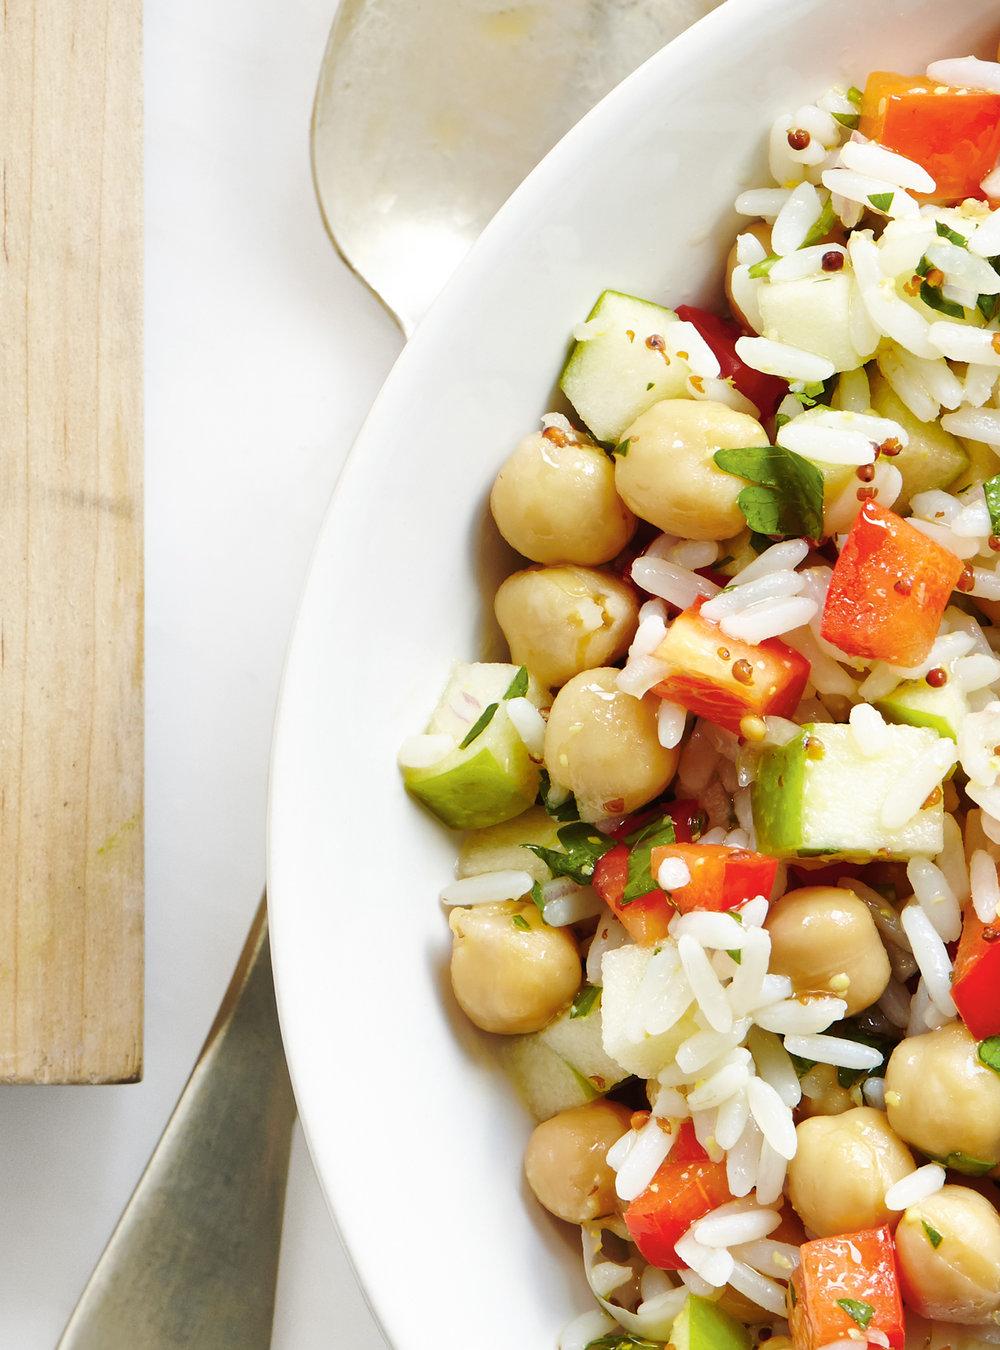 Salade de riz aux pommes et au poivron | ricardo